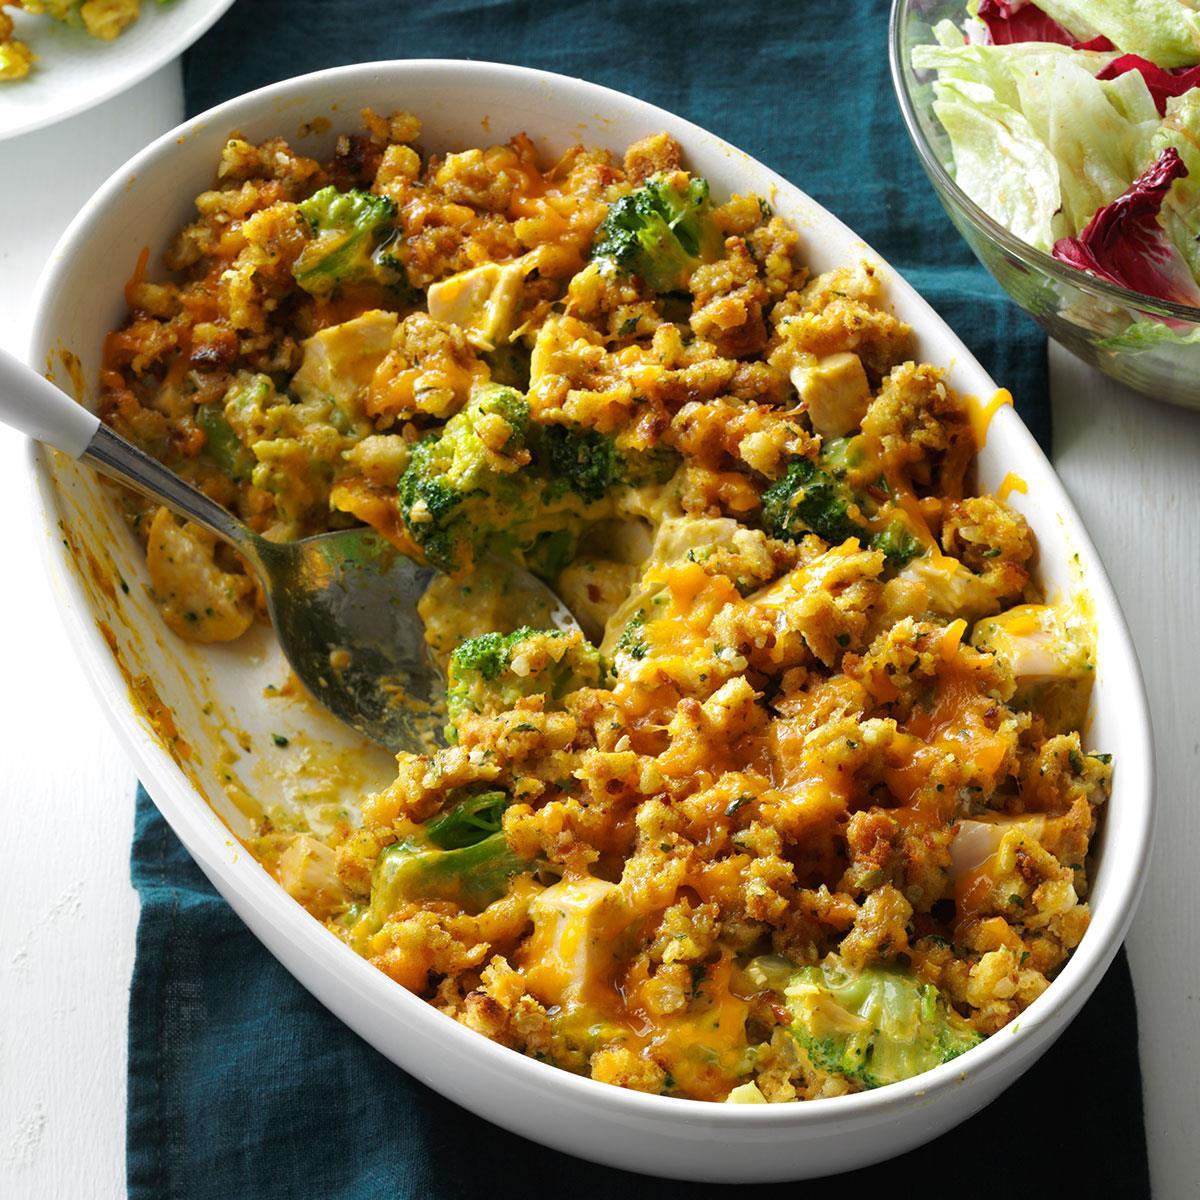 Contest-Winning Broccoli Chicken Casserole image